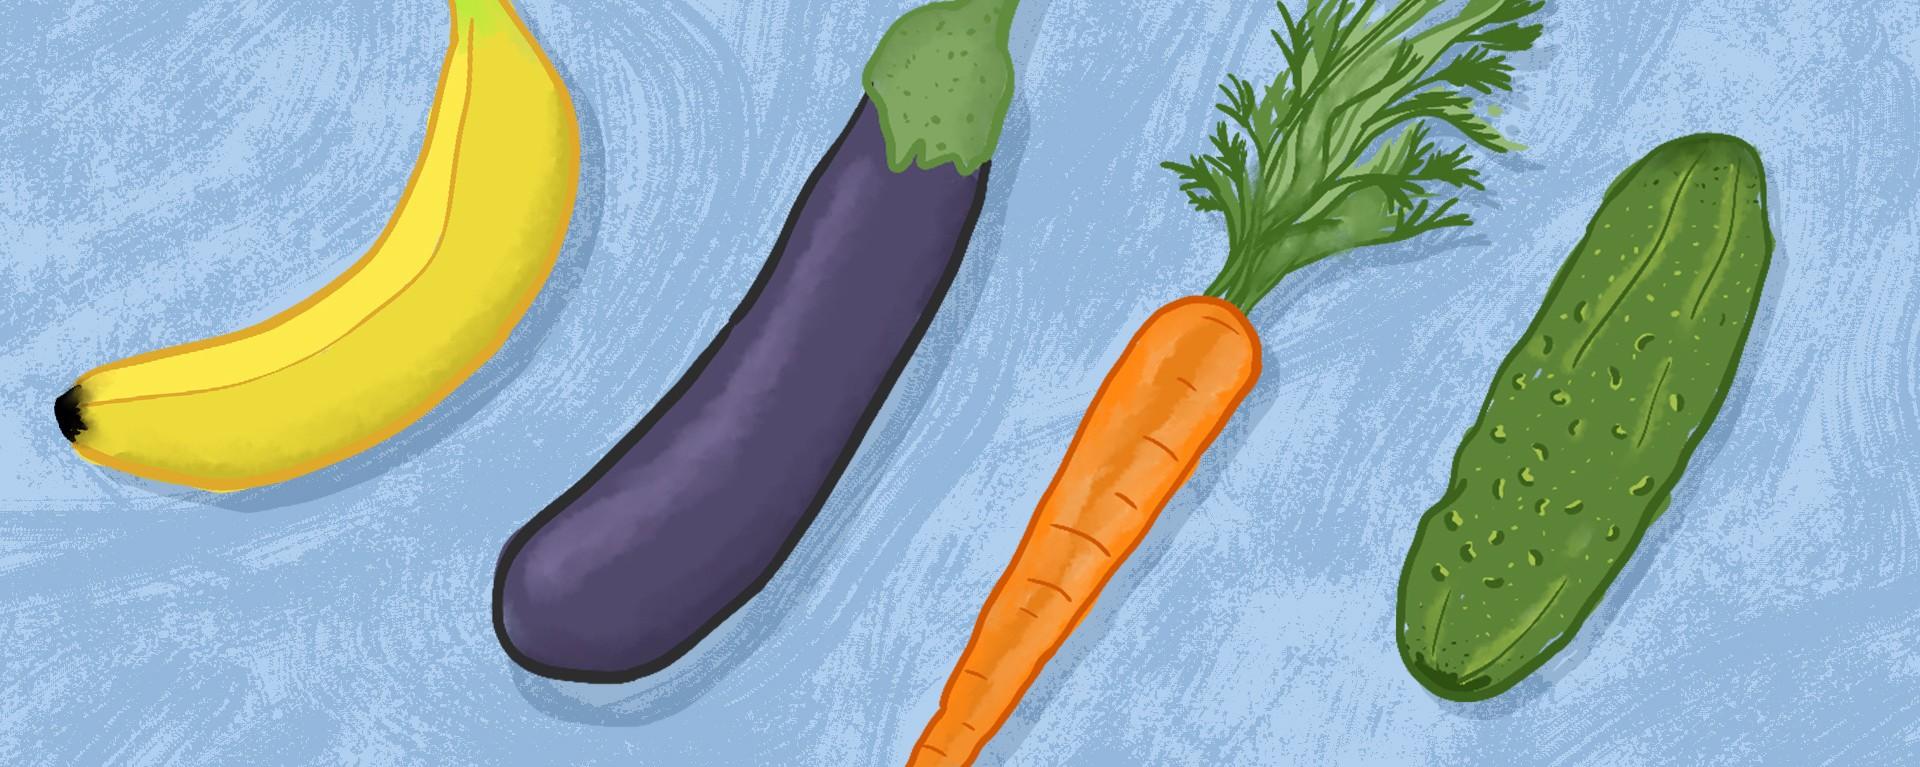 Care fructe și legume crește penis